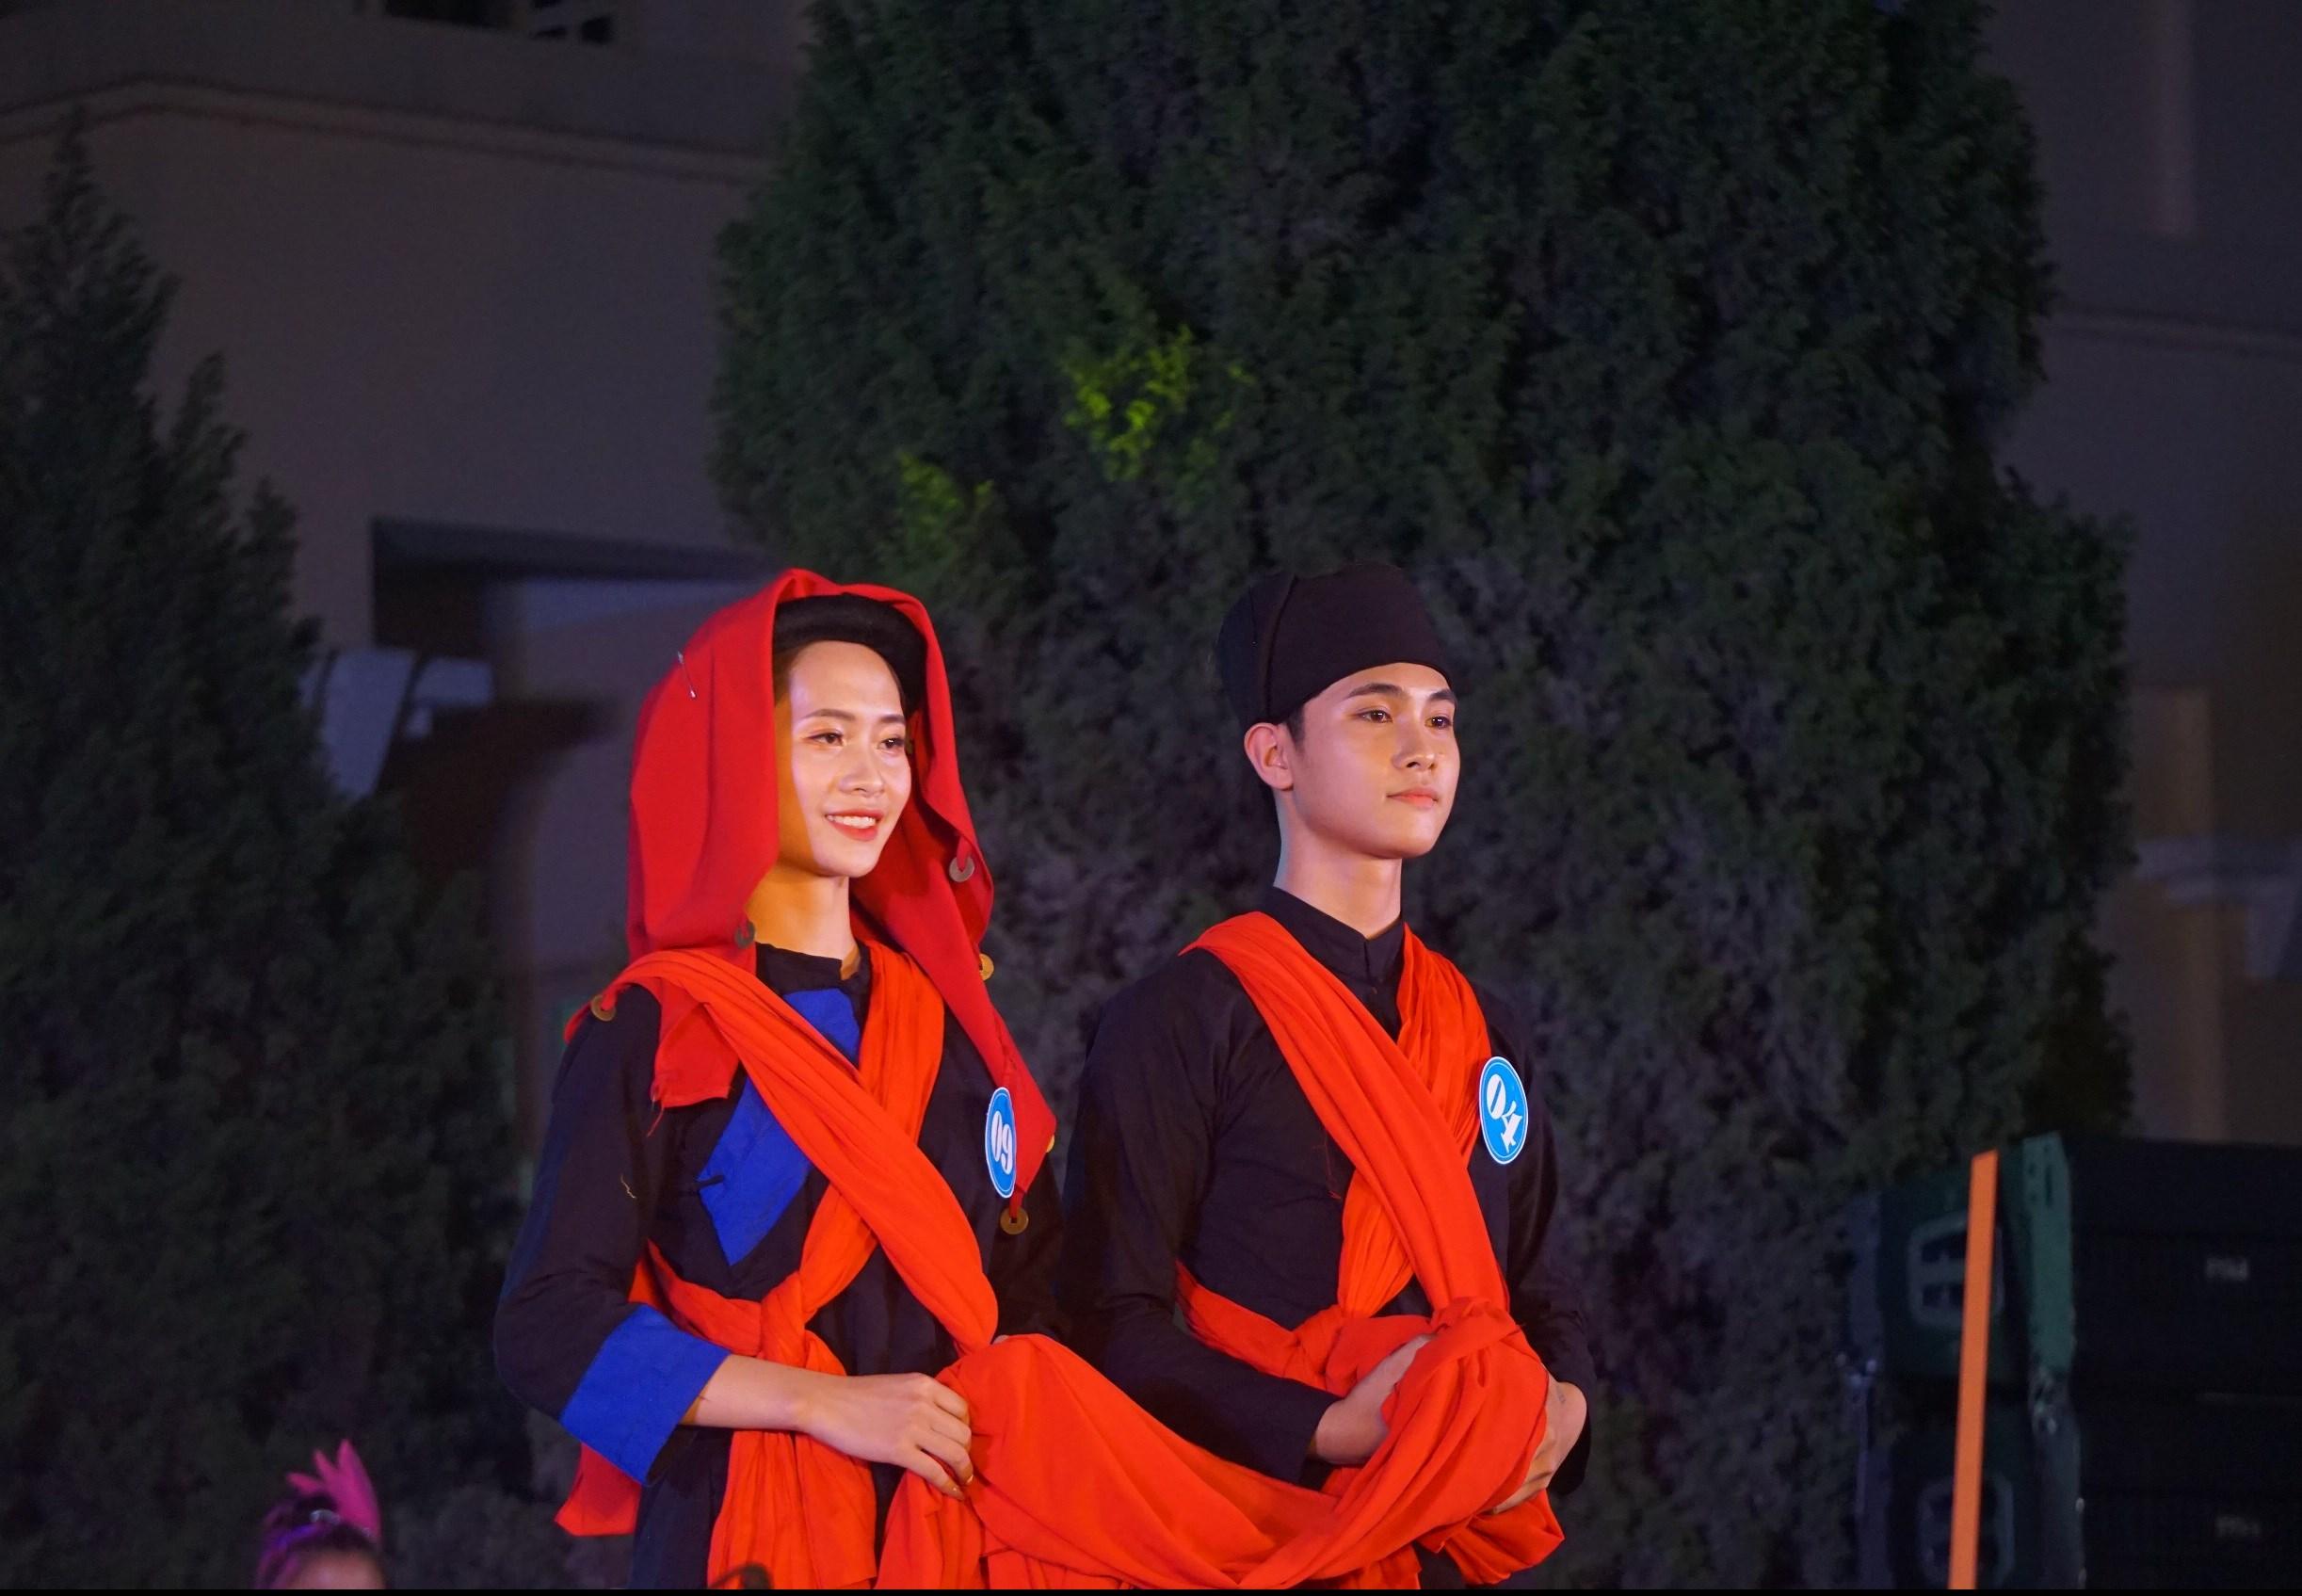 Vẻ đẹp trang phục các dân tộc thiểu số được các thí sinh trình diễn tại đêm thi